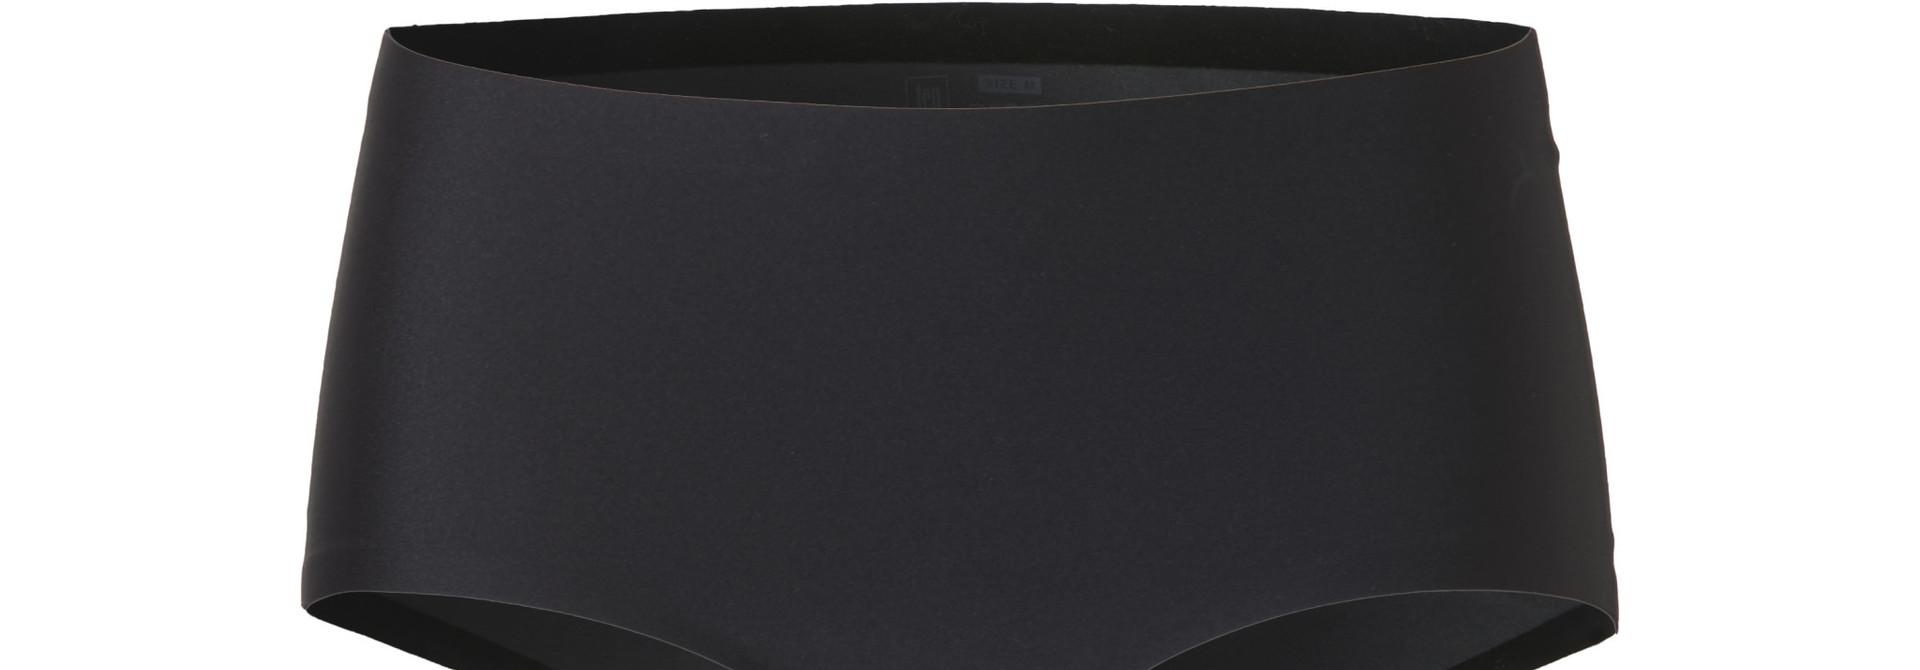 Midi Secrets 30177 - zwart